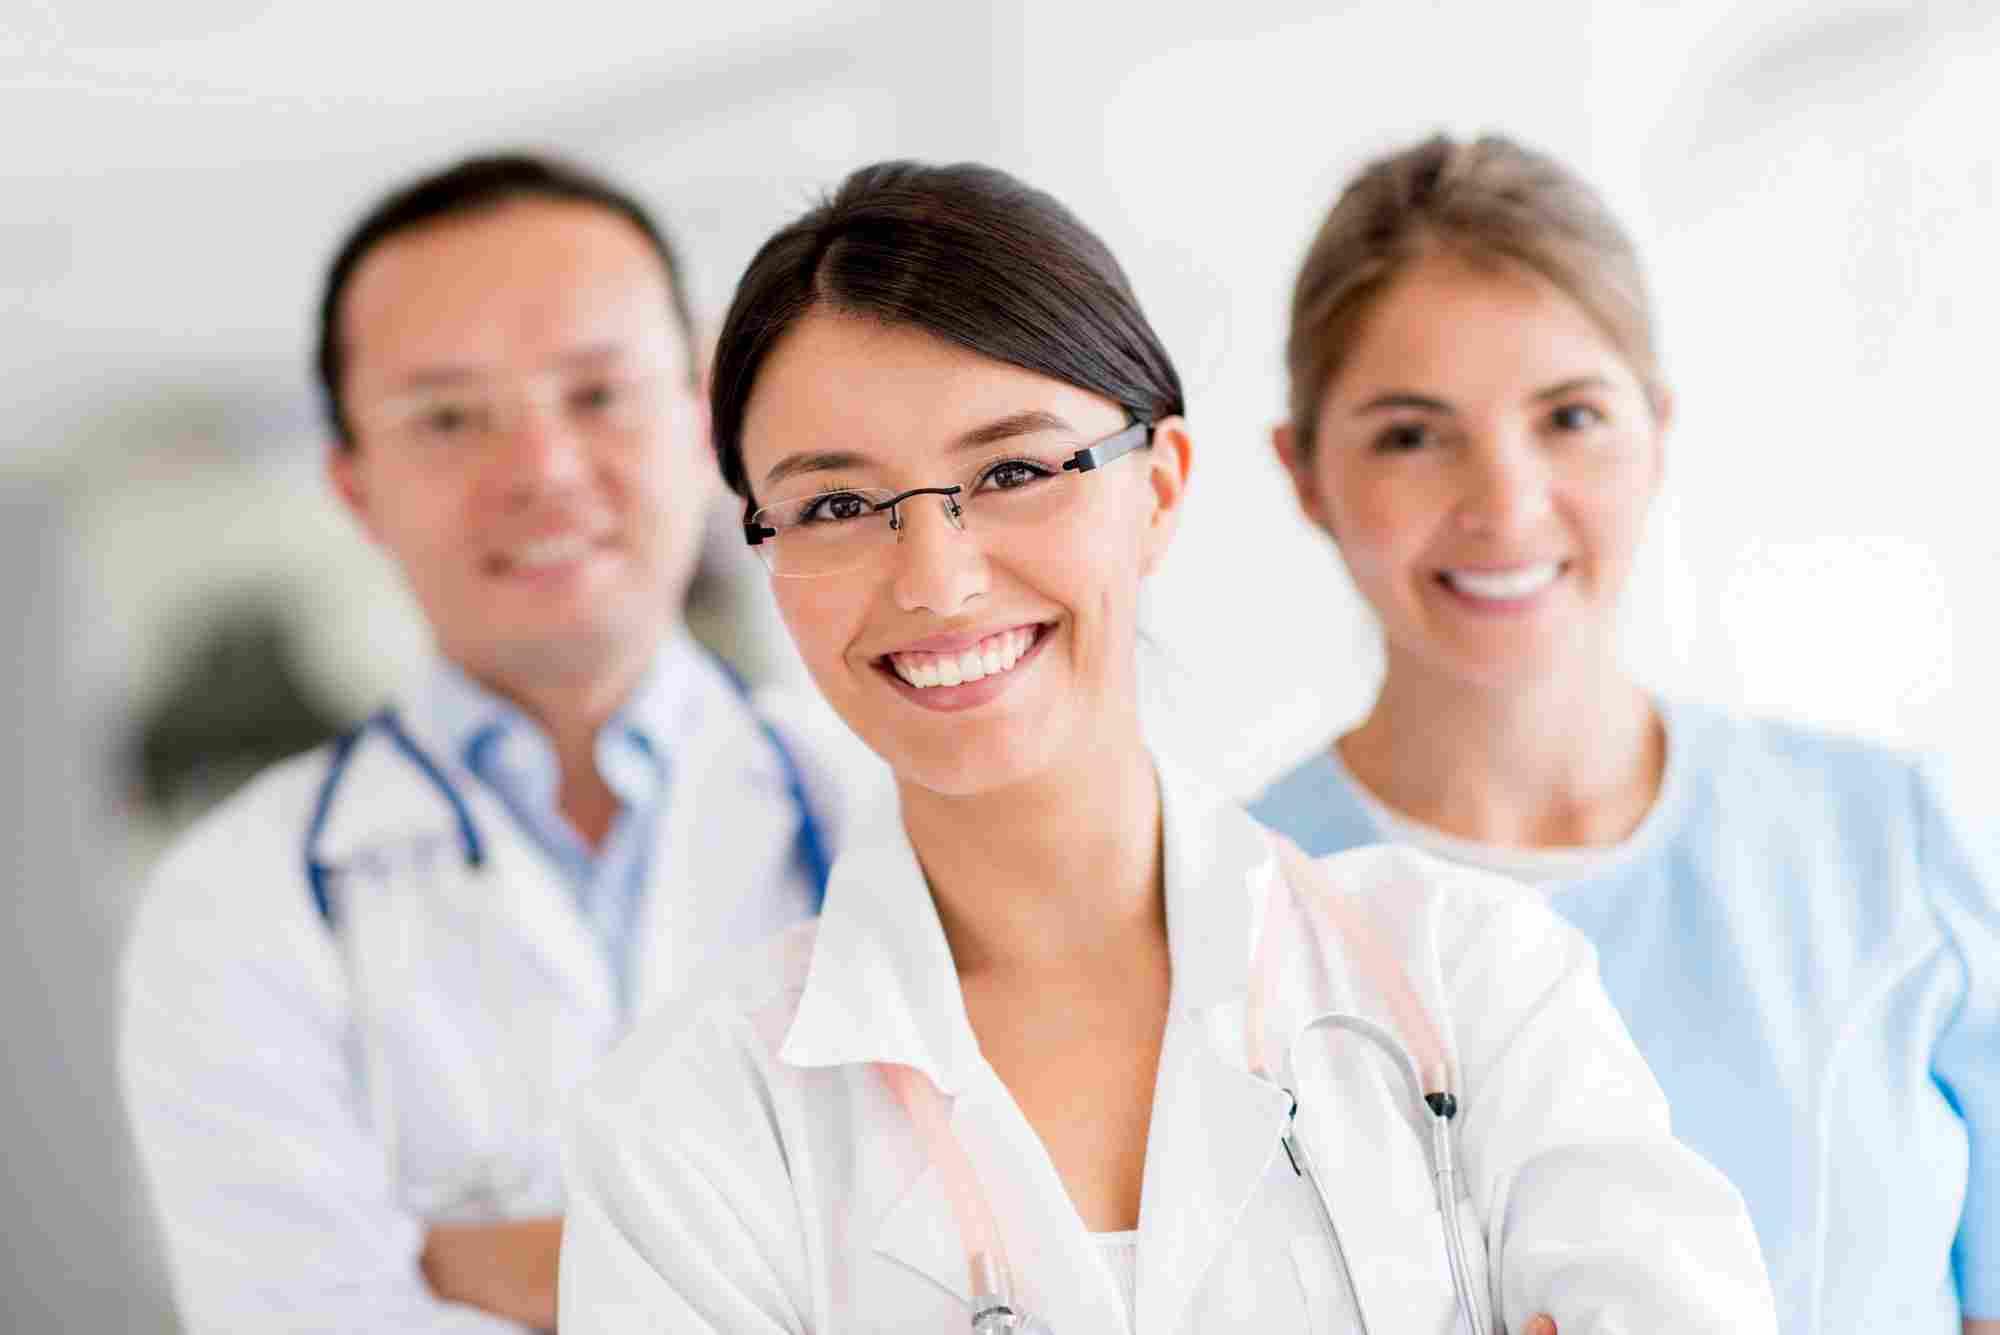 http://precioushospice.com/wp-content/uploads/2015/12/doctors.jpg